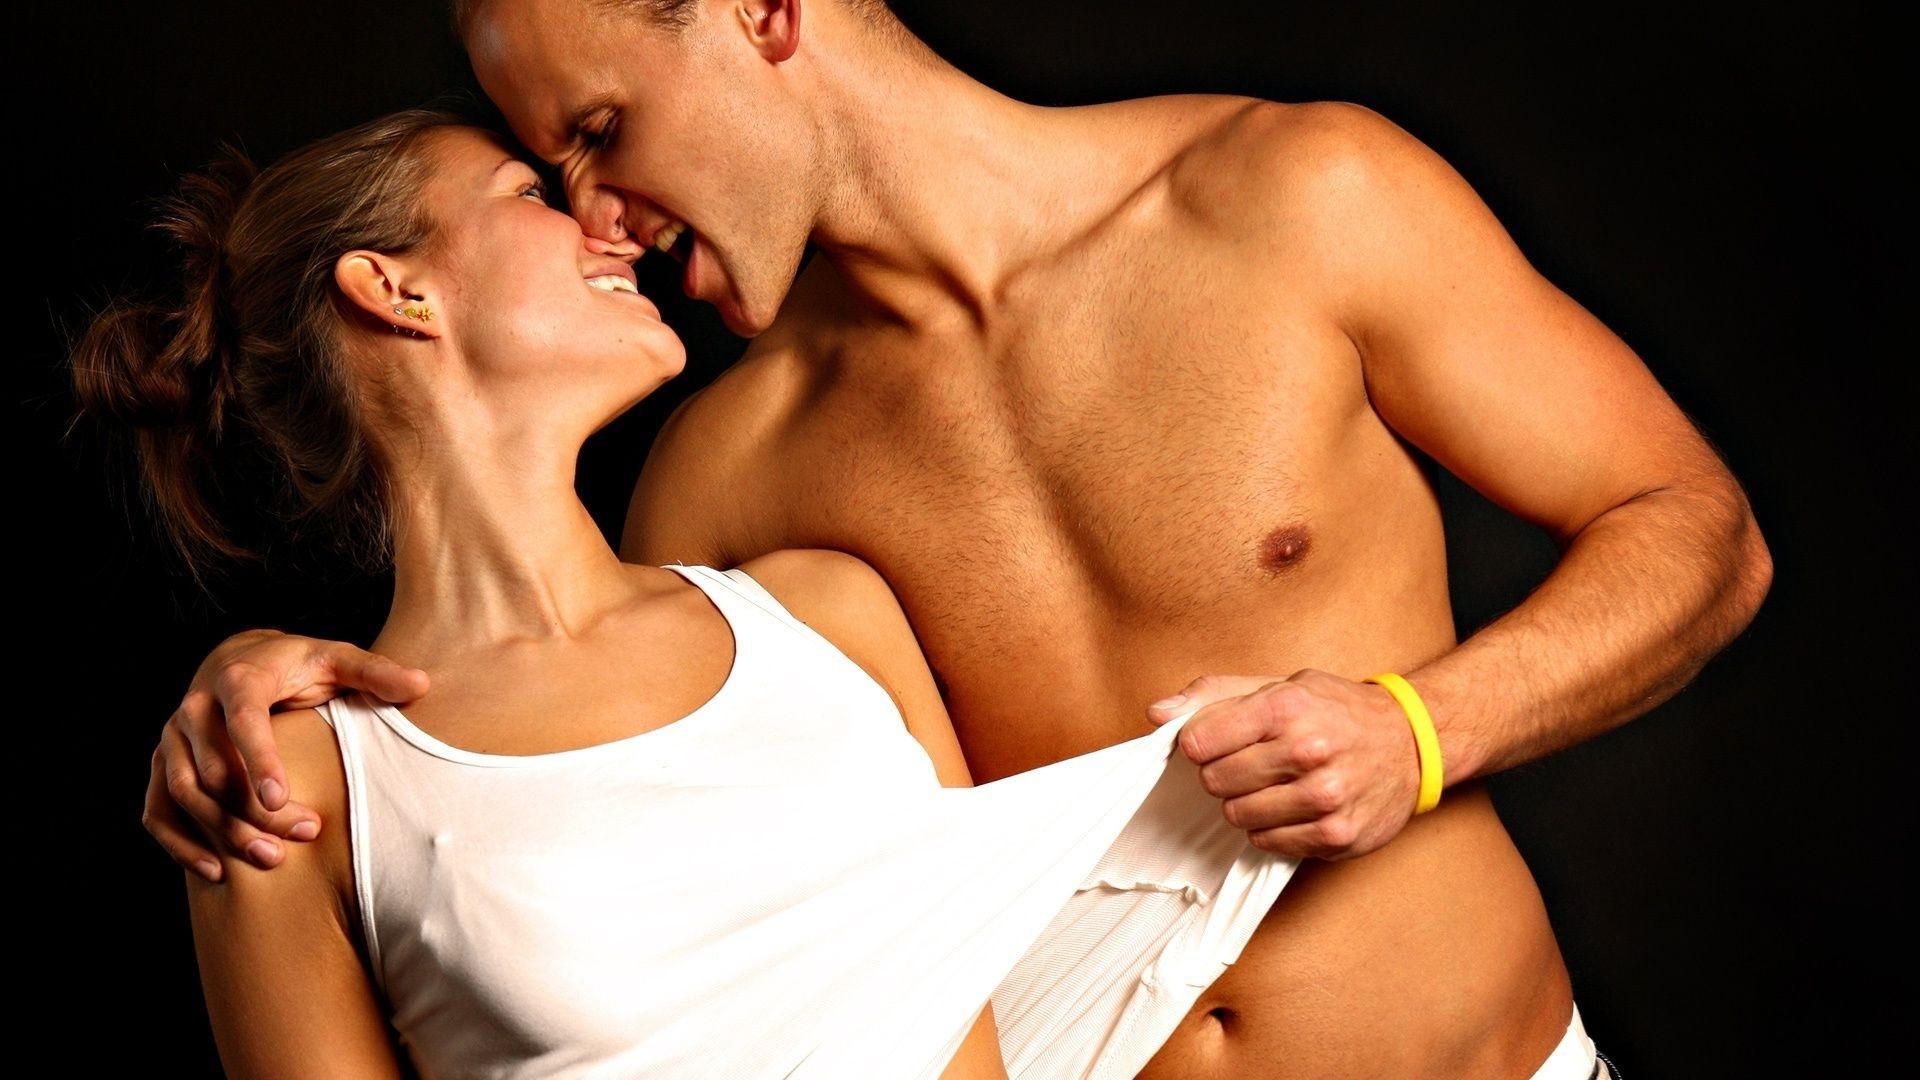 Секс парень и девушка фотки — img 15